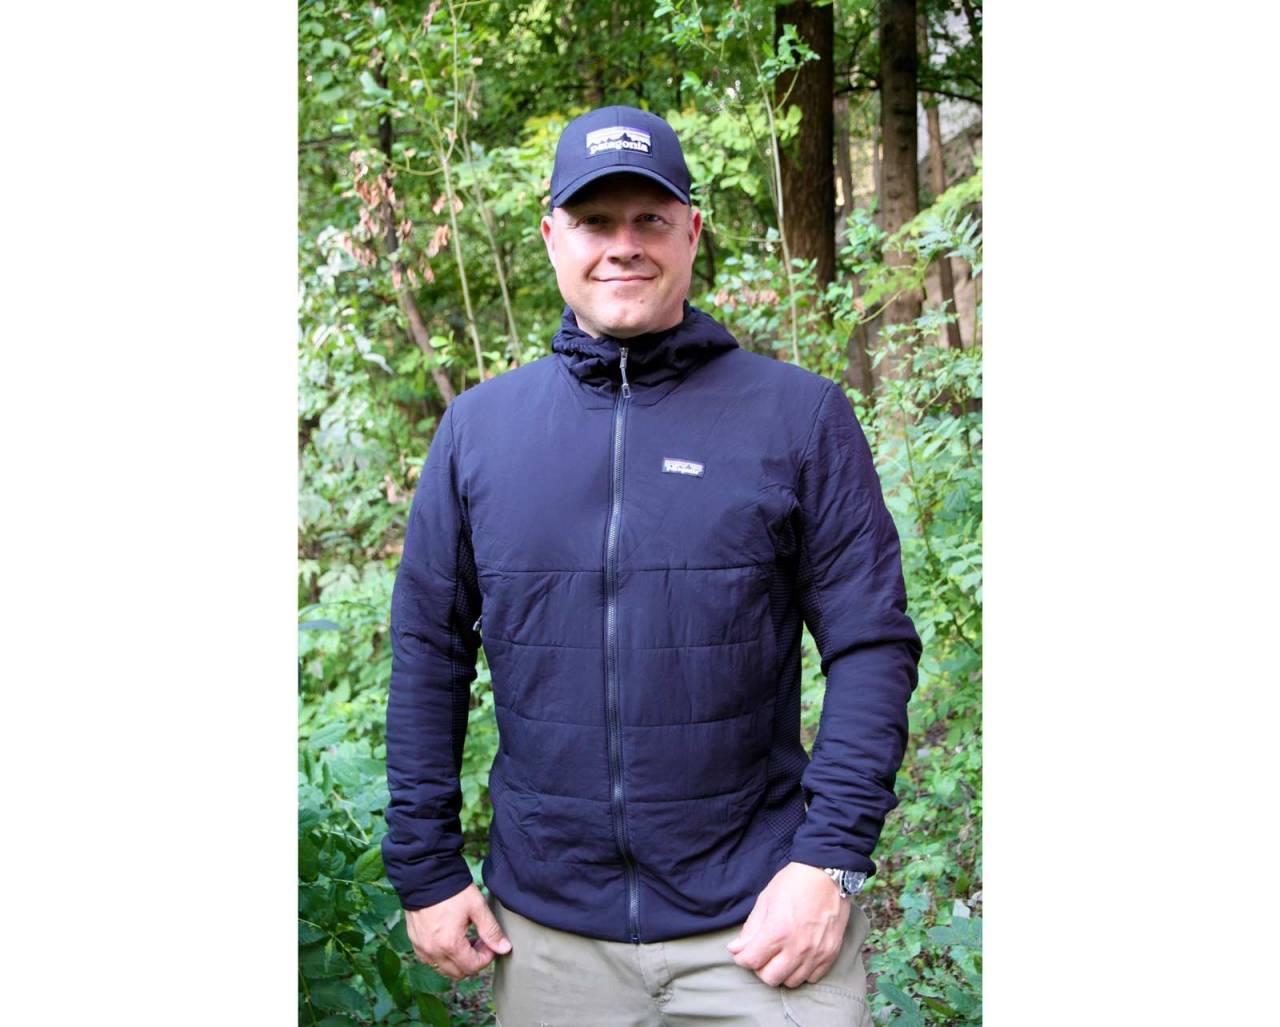 Allrounder: Patagonia Nano-Air er en superlett og kompakt jakke man kan like.